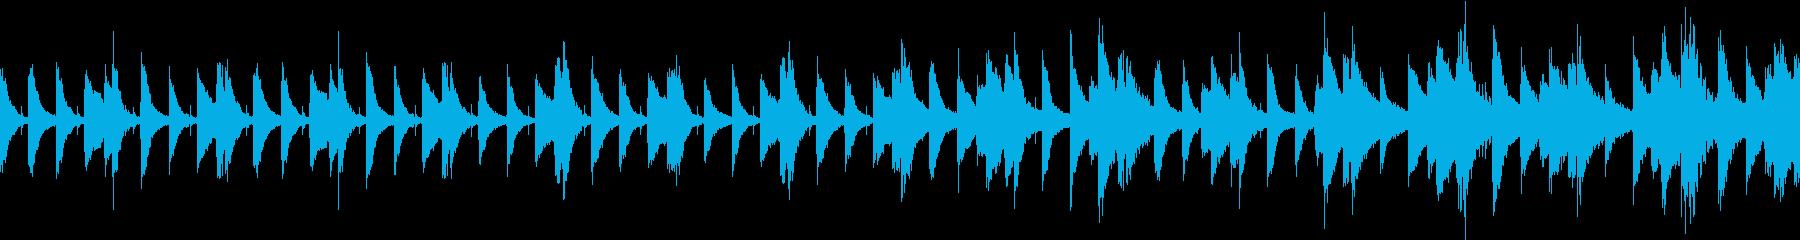 ピアノの軽快なステップの再生済みの波形